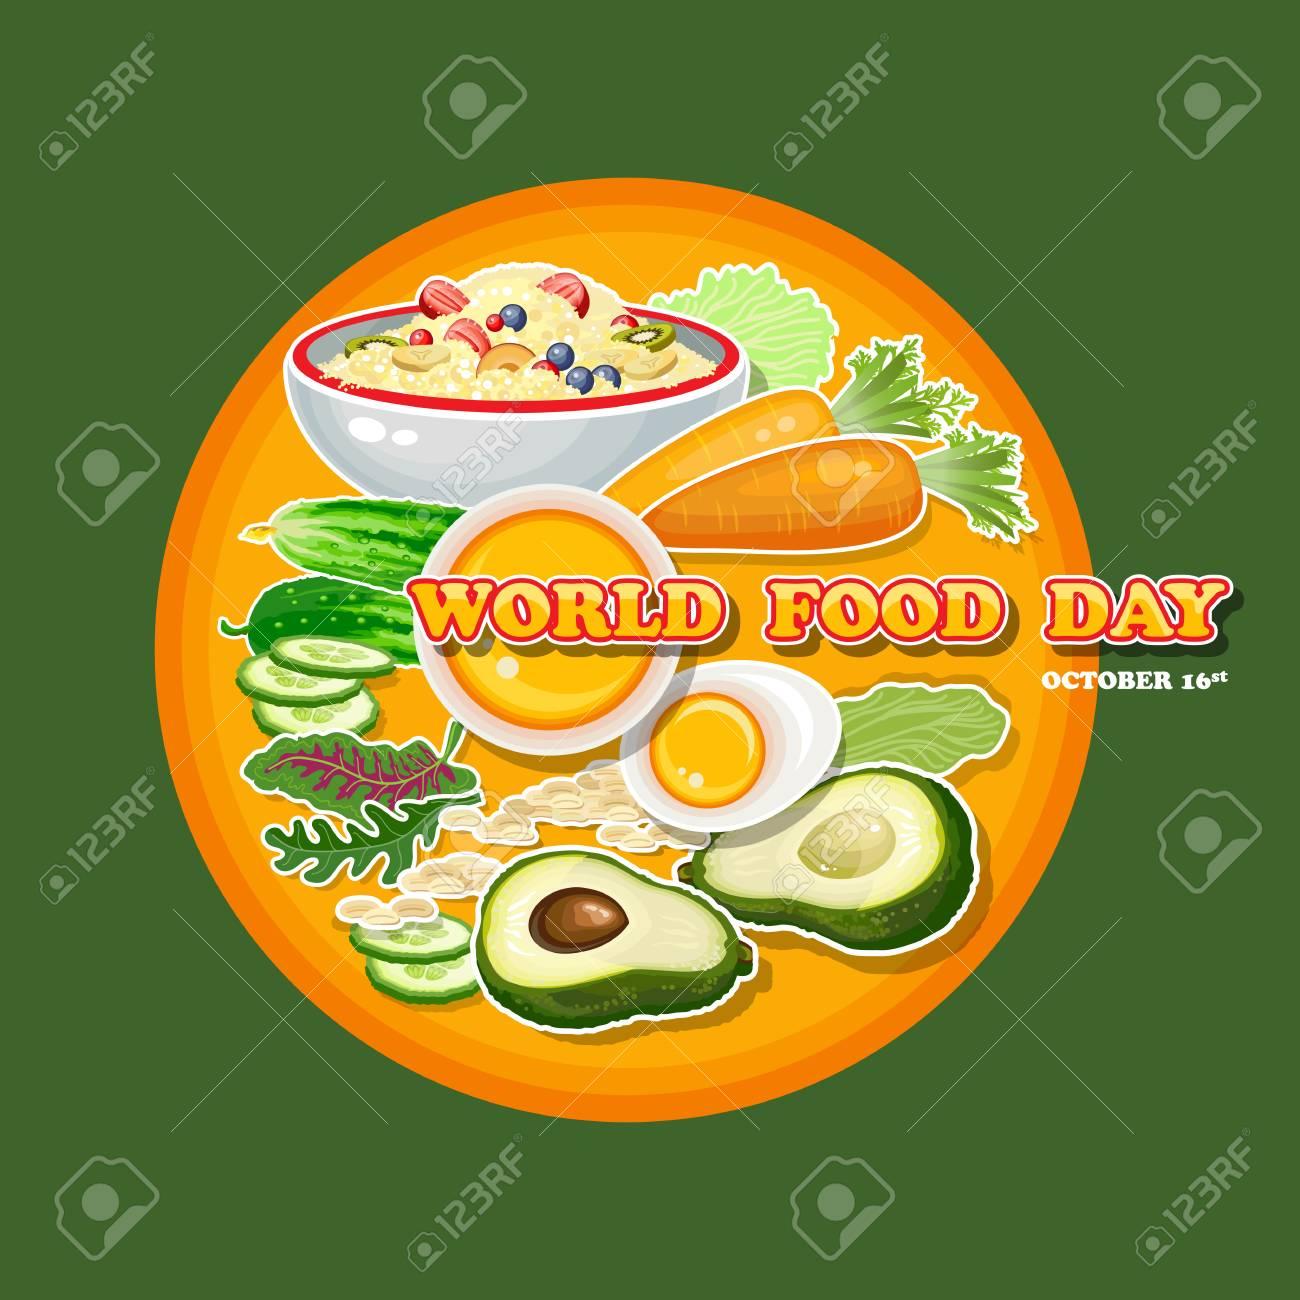 Dia Mundial De La Alimentacion Ilustracion Vectorial Tarjeta De Felicitacion Cartel Ilustraciones Vectoriales Clip Art Vectorizado Libre De Derechos Image 87050266